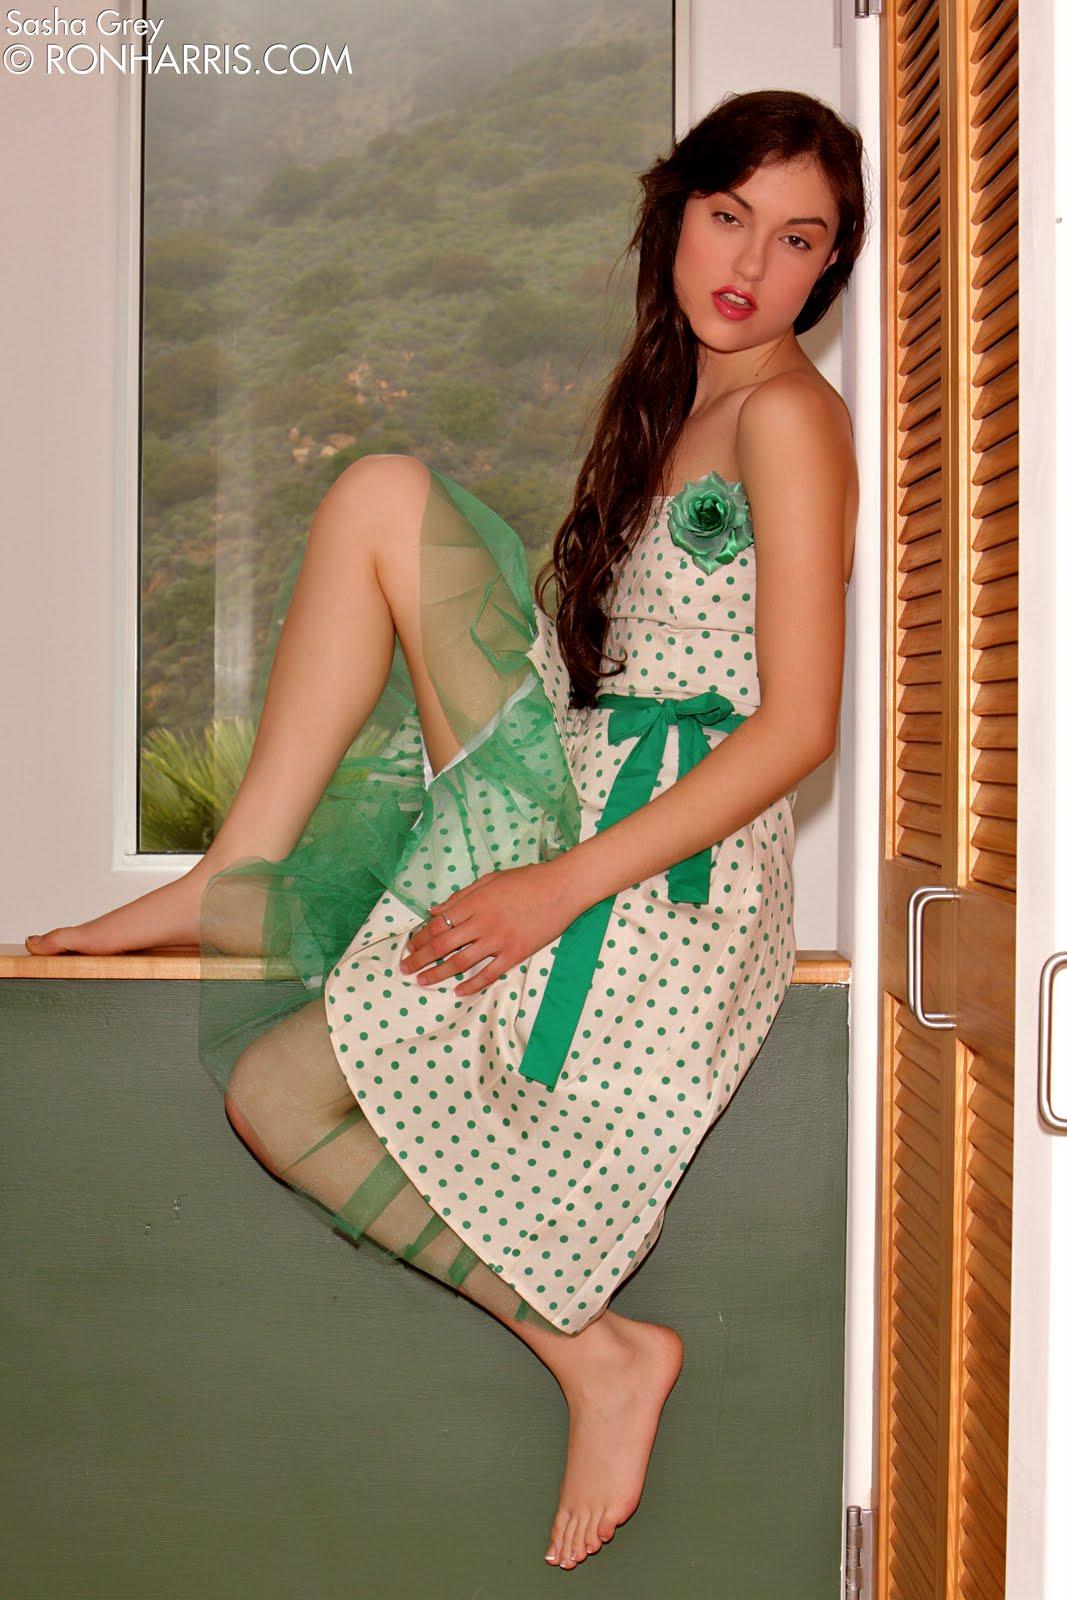 http://1.bp.blogspot.com/-9BJ5SD6YXUA/Tcw62WnNFNI/AAAAAAAABik/p1BF8Og6xtY/s1600/sasha_grey_1.jpg